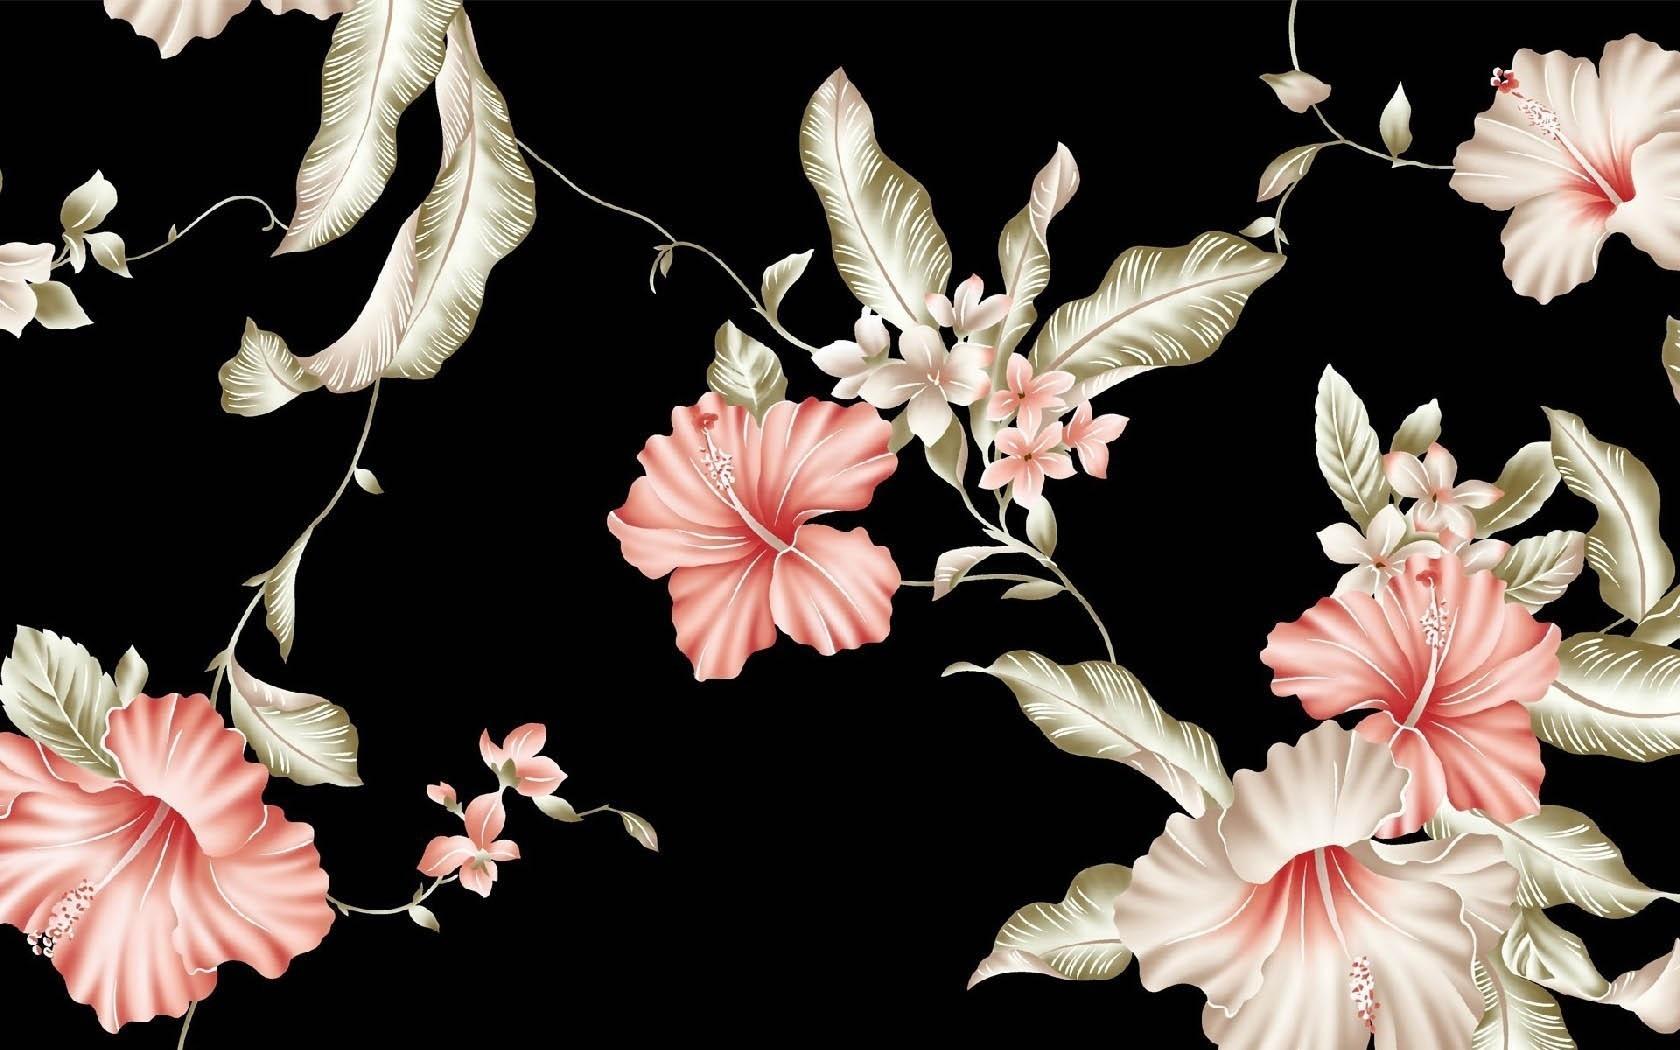 Цветы картины на черном фоне018